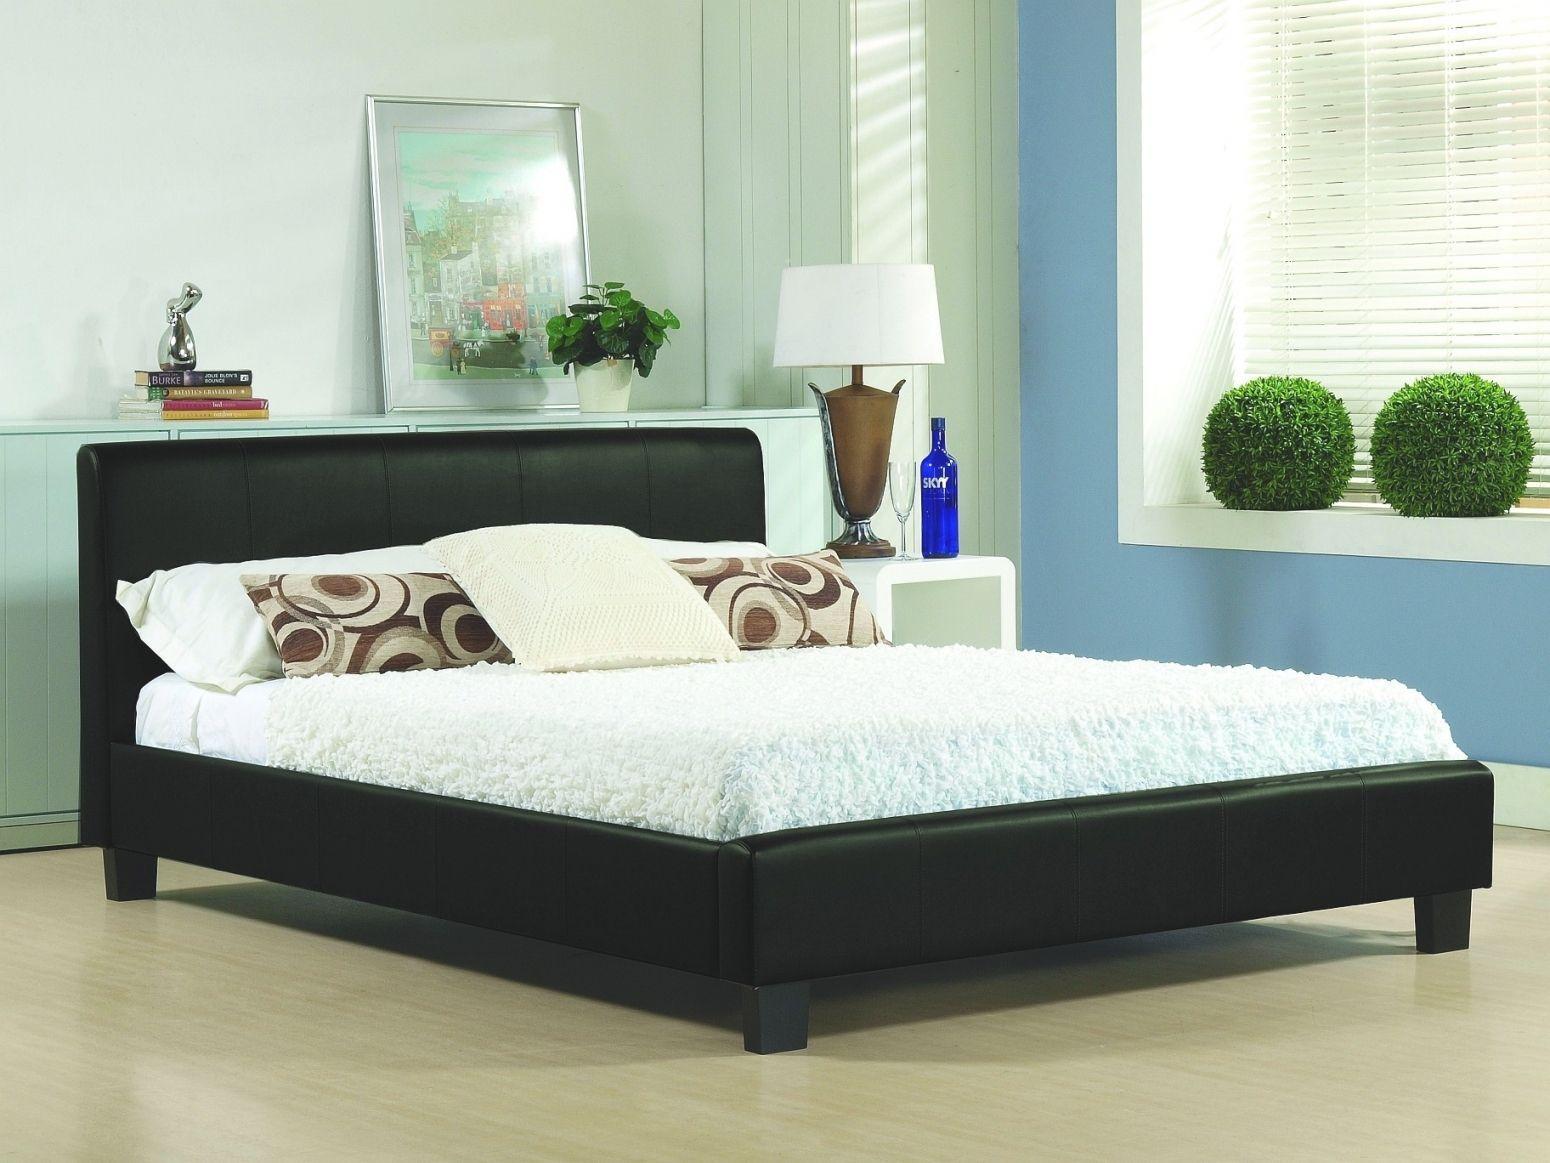 Bed Frames Alaskan King Size Frames Full Tempurpedic